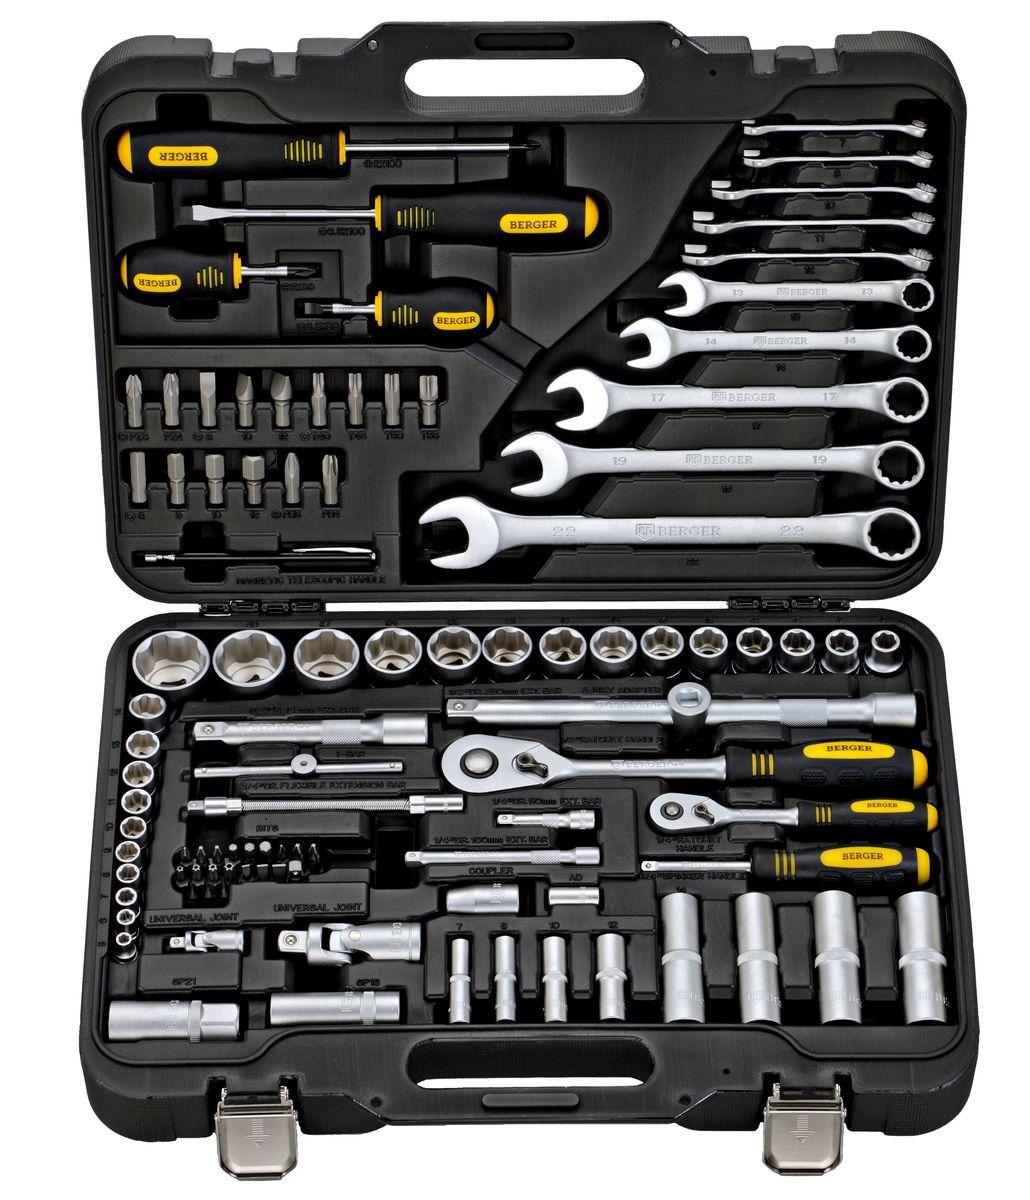 Универсальный набор инструментов Berger, 95 предметов. BG095-1214BG095-1214Универсальный набор инструментов 95 предметов 1/2 - 1/4 BG-095-1214 1/4 1. 10 шт. – 1/4 Головки торцевые 6-гранные Super Lock: 5, 6, 7, 8, 9, 10, 11, 12, 13, 14мм 2. 4 шт. – 1/4 Головки торцевые длинные 6-гранные Super Lock: 7, 8, 10, 12 мм 3. 1 шт. – 1/4 Трещотка (ключ трещоточный с быстрым сбросом) 45 зубов 4. 2 шт. – 1/4 Удлинитель: 50, 100 мм 5. 1 шт. – 1/4 Вороток Т-образный 110 мм 6. 1 шт. – 1/4 Гибкий удлинитель 150 мм 7. 1 шт. – 1/4 Кардан шарнирный 8. 1 шт. – 1/4 Отвертка с присоединительным квадратом 9. 16 шт. – 1/4 Биты: TORX (звездочка): T20, Т27, T25, T30 Ph (крест): 1, 2, 2 Pz (позидрайв): 1, 2, 2 Slot (шлиц): 4, 5.5, 7 HEX (шестигранник): 4, 5, 6 10. 1 шт. – 1/4 Адаптер для бит 11. 1 шт. – 1/4 Переходник для электроинструмента 1/2 12. 14 шт. – 1/2 Головки торцевые 6-гранные Super Lock: 10, 12, 13, 14, 15, 17, 18, 19, 21, 22, 24, 27, 30, 32 мм 13. 4 шт. – 1/2...